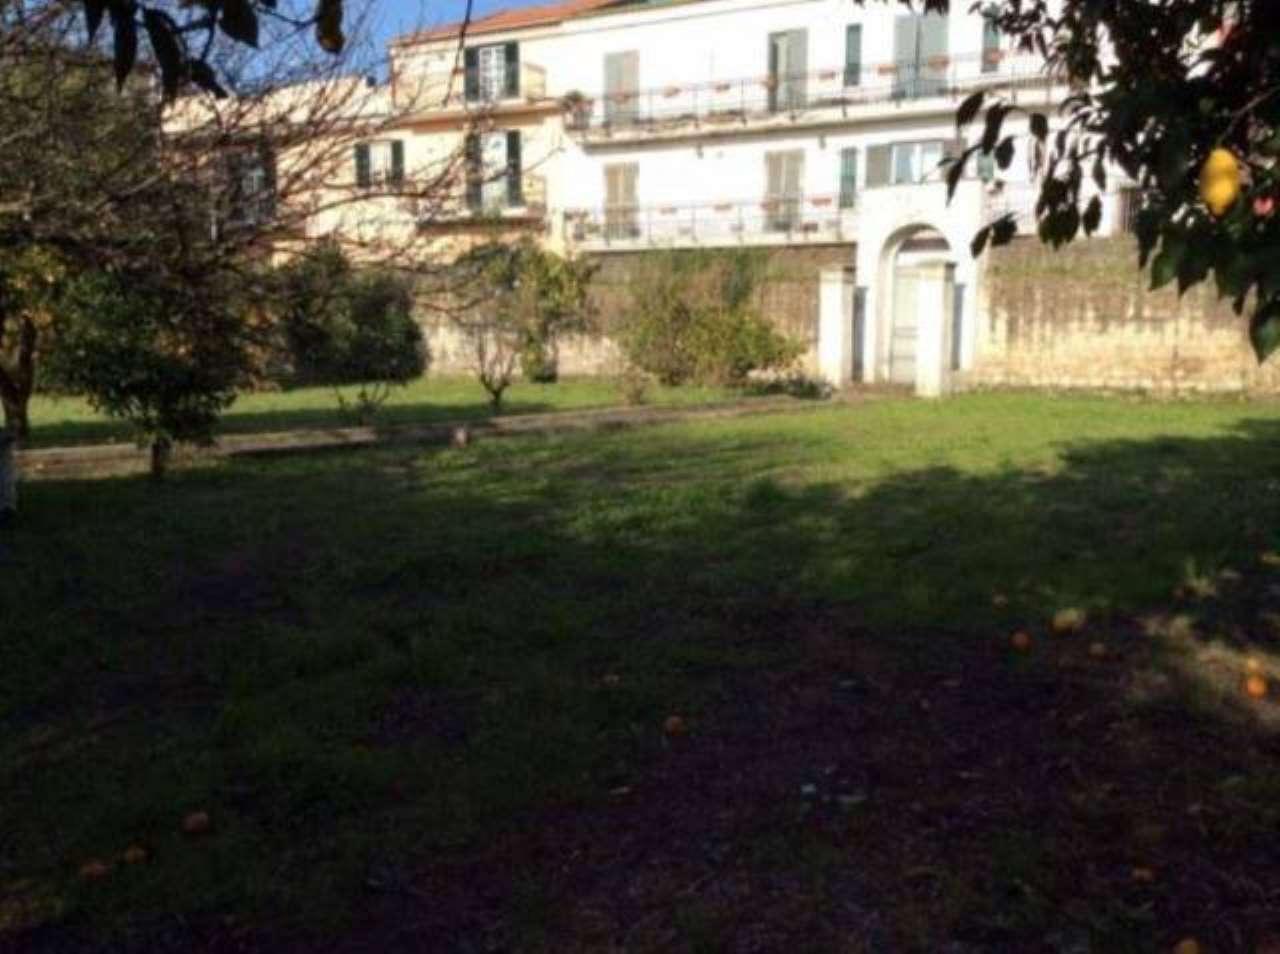 Villa in vendita a Pomigliano d'Arco, 3 locali, Trattative riservate | CambioCasa.it